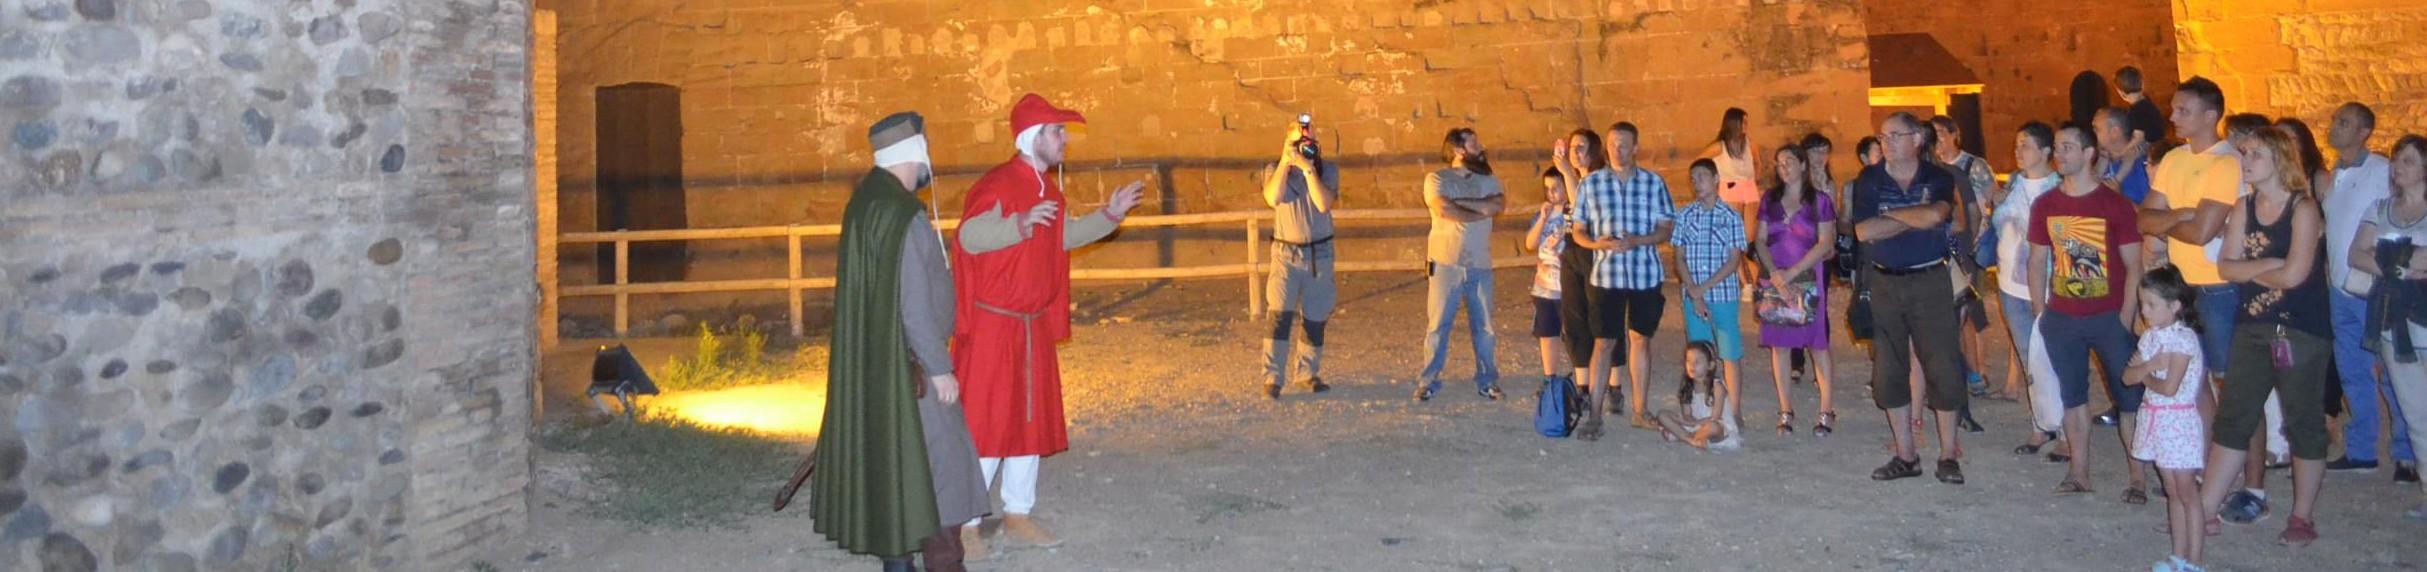 Visitas castillo de Monzón. Foto: José Luis Pano